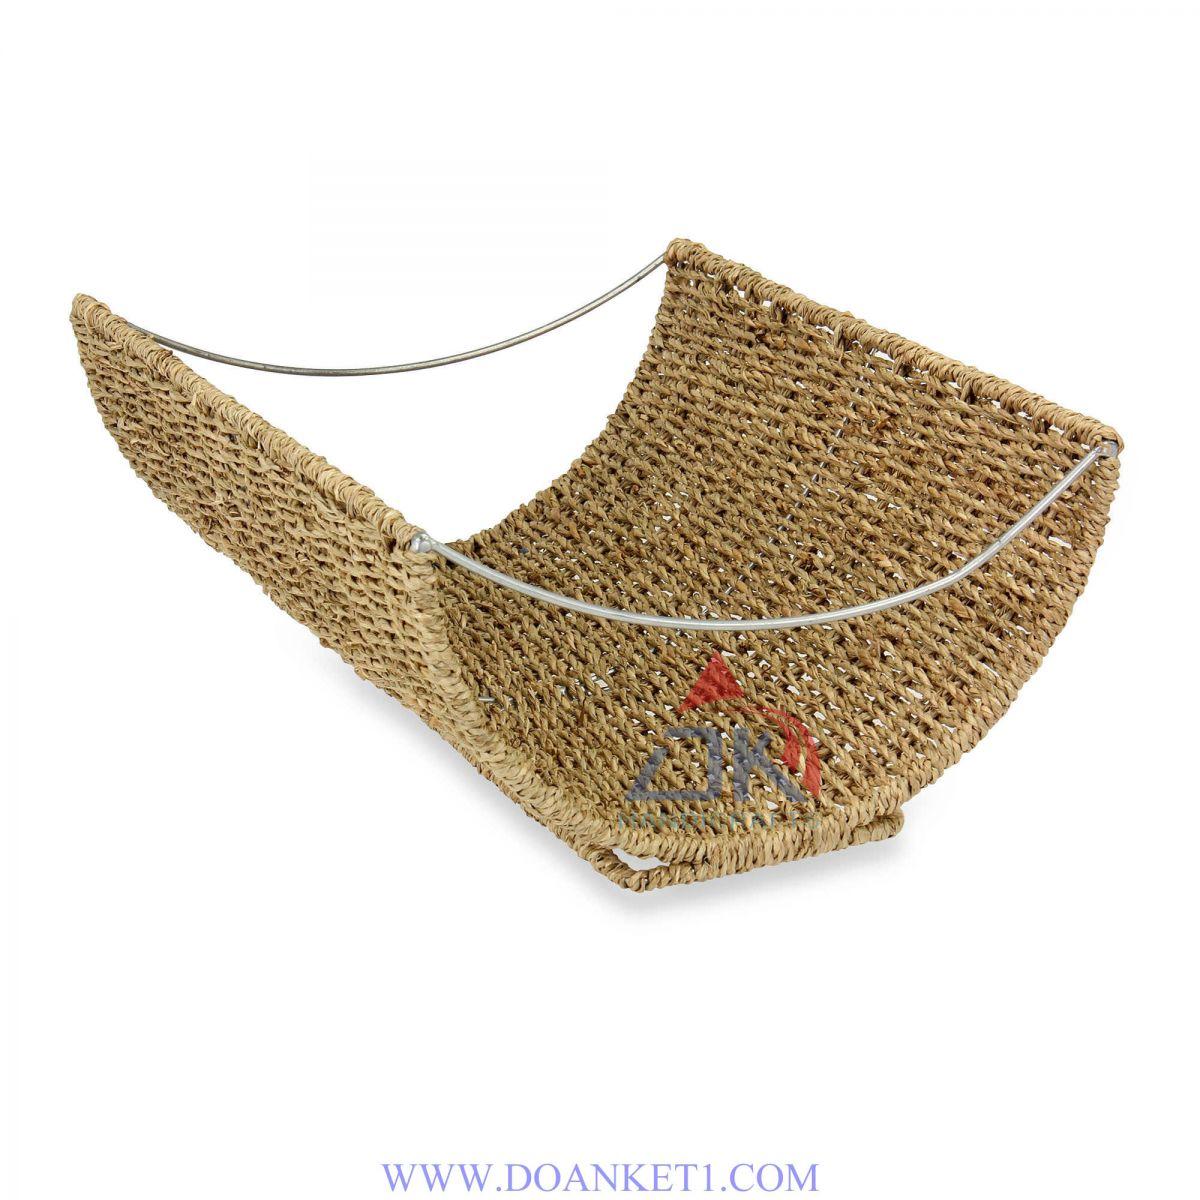 Seagrass Basket # DK251